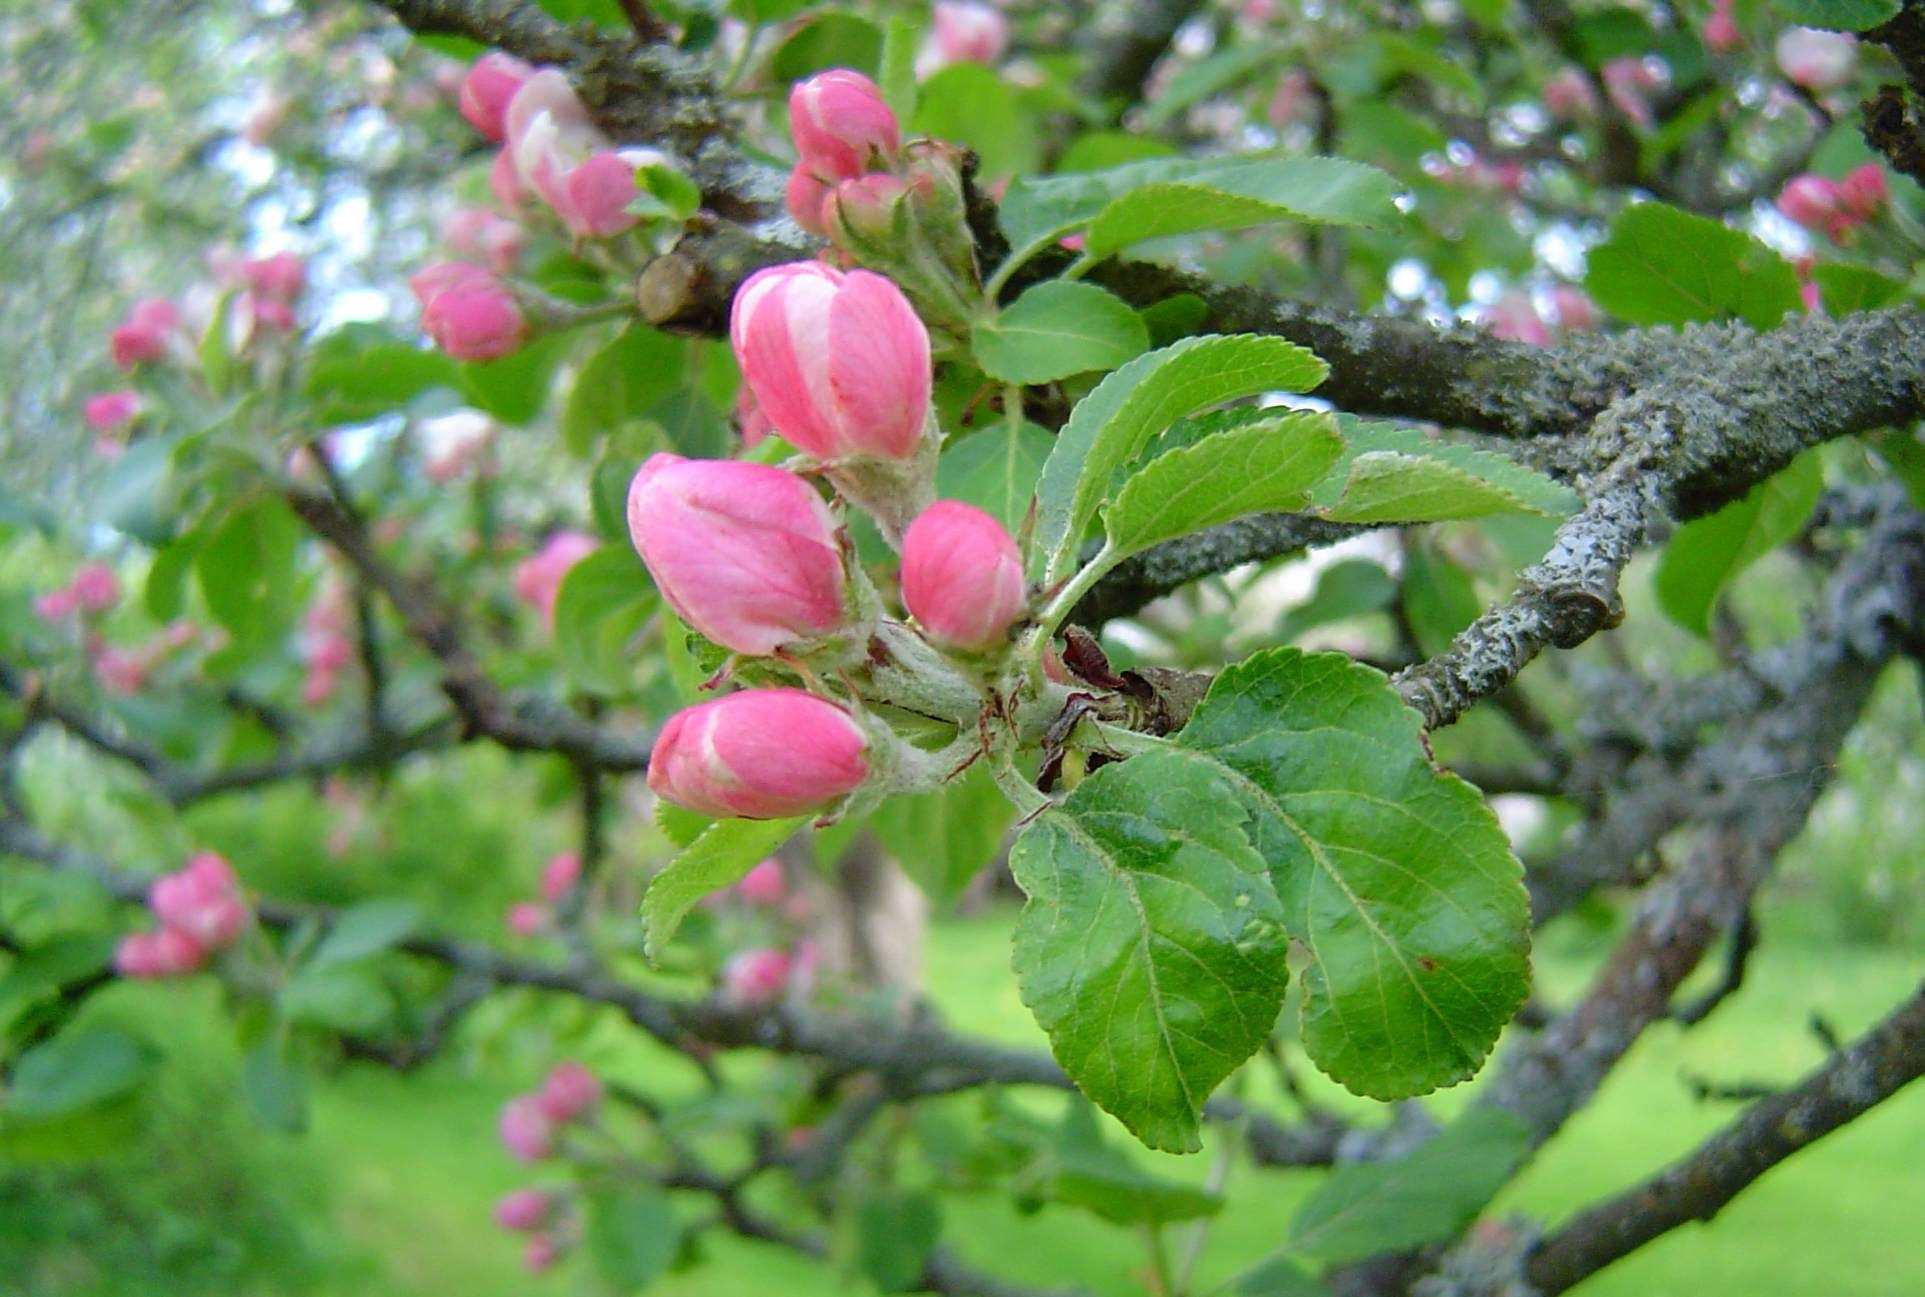 Apple-flower-bud